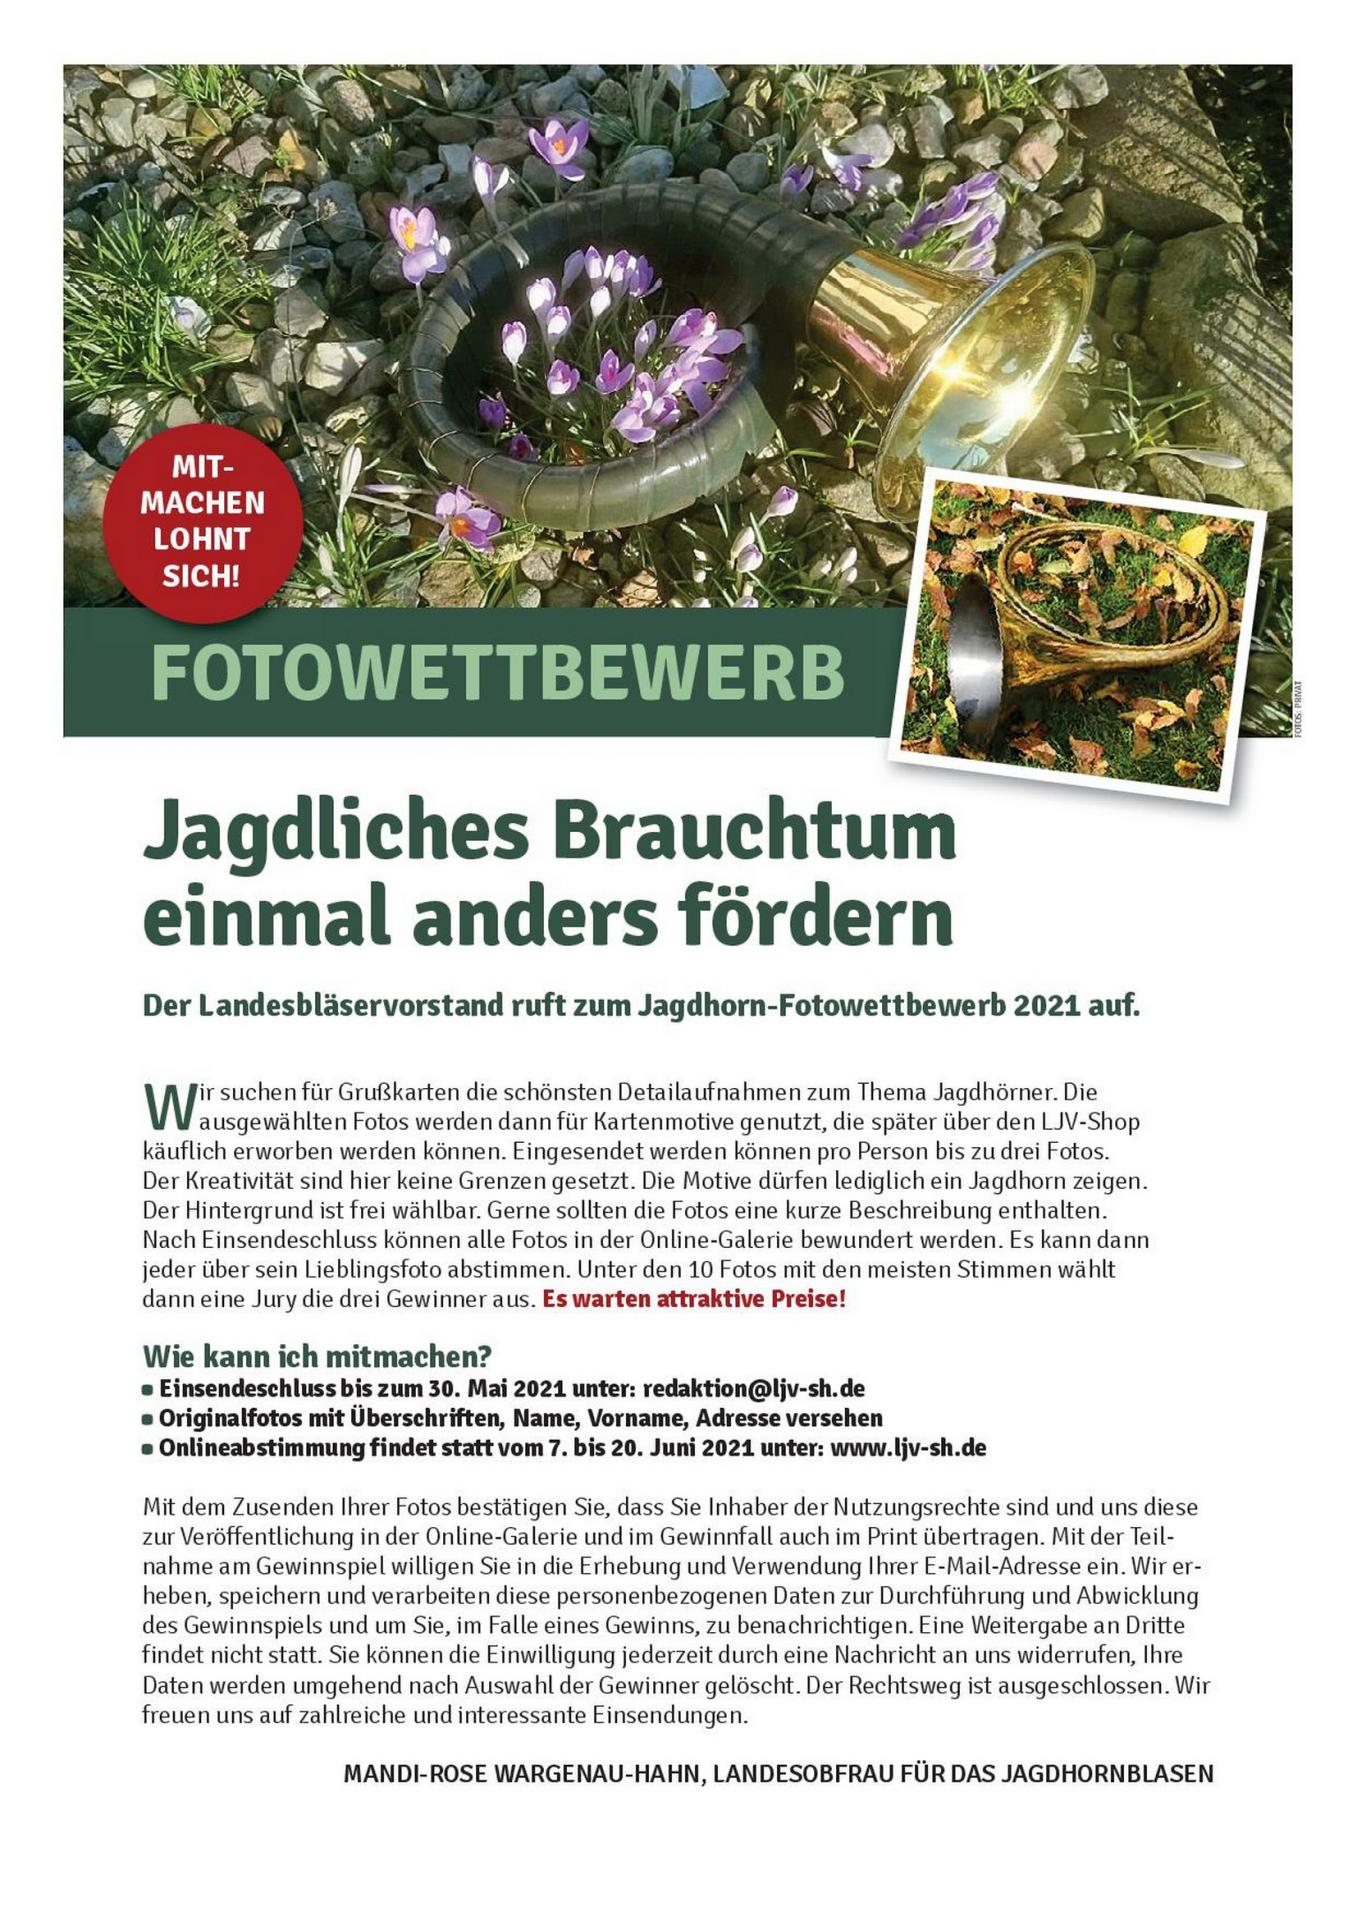 Fotowettbewerb Jagdhornbläser 2021